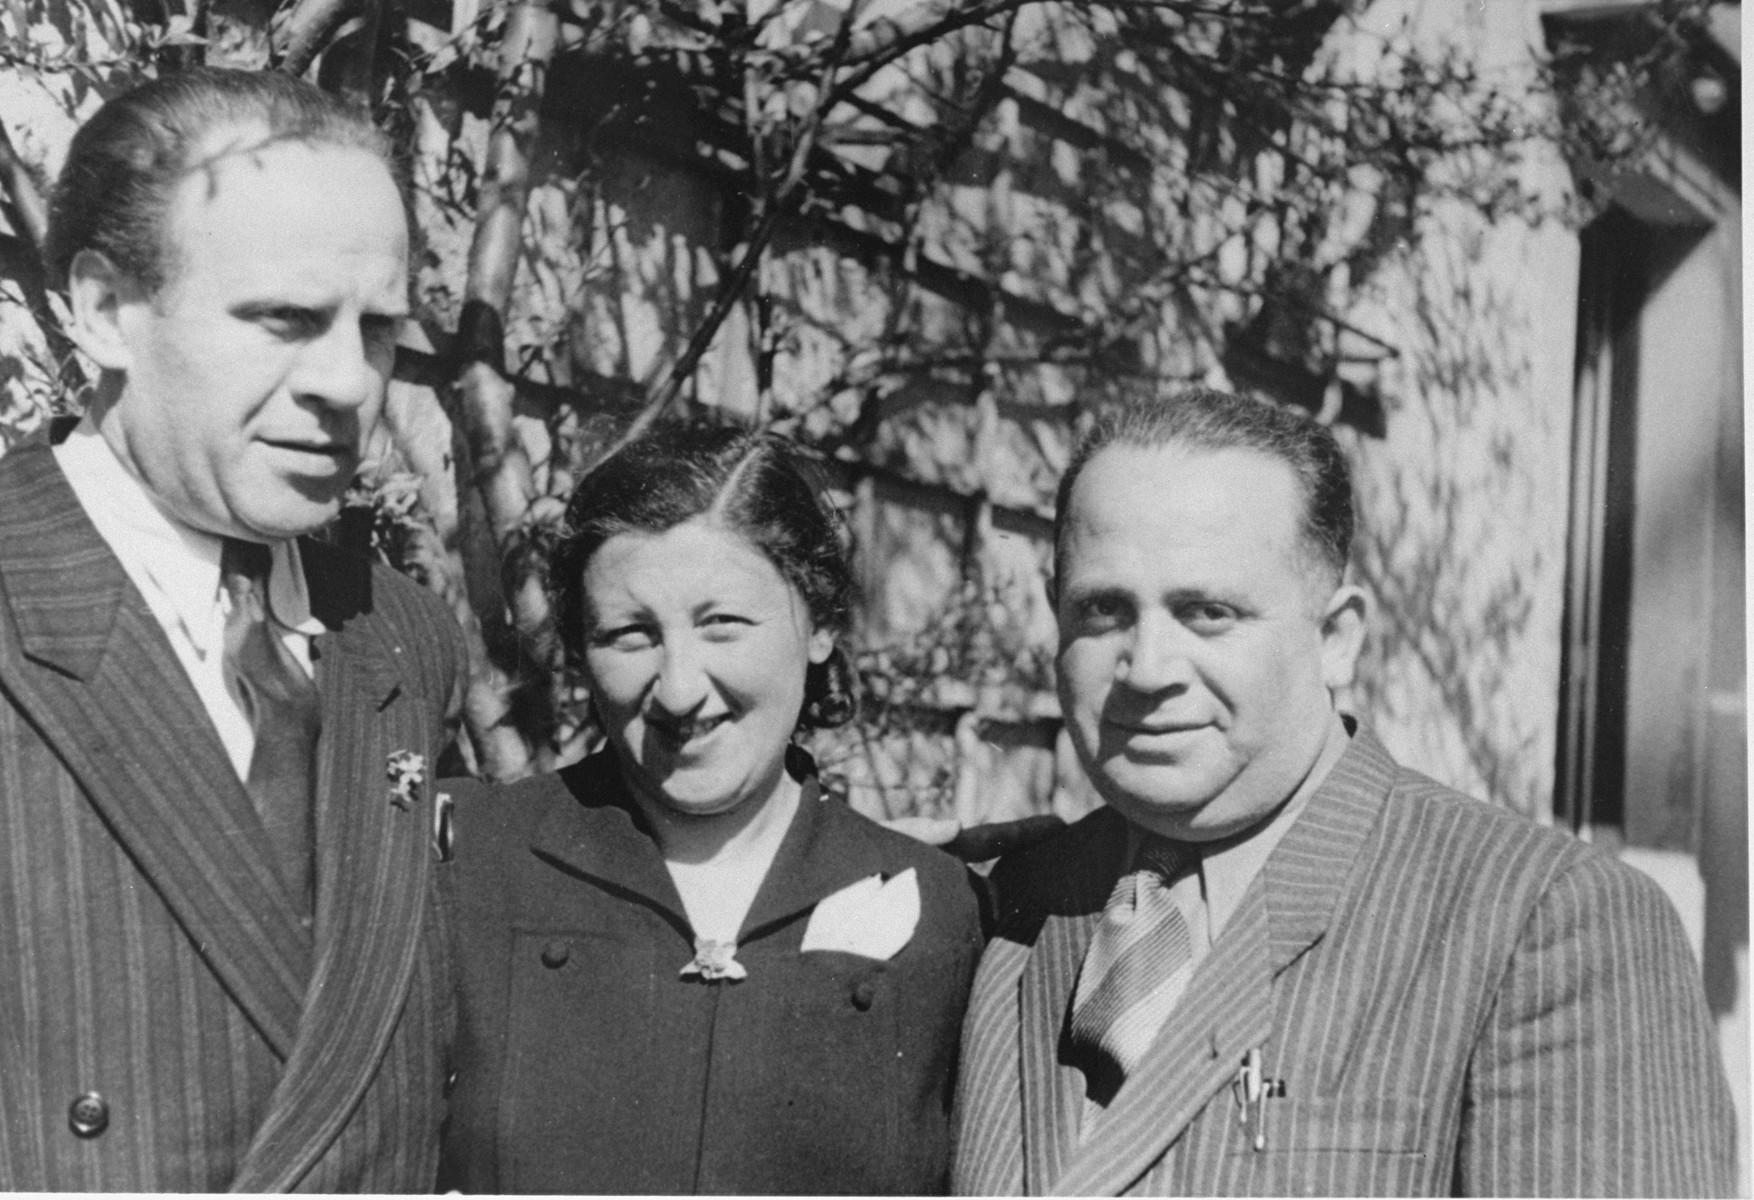 Oskar Schindler with Mrs. Rosner and Mr.Licht at a reunion of Schindlerjuden in Munich in 1946.